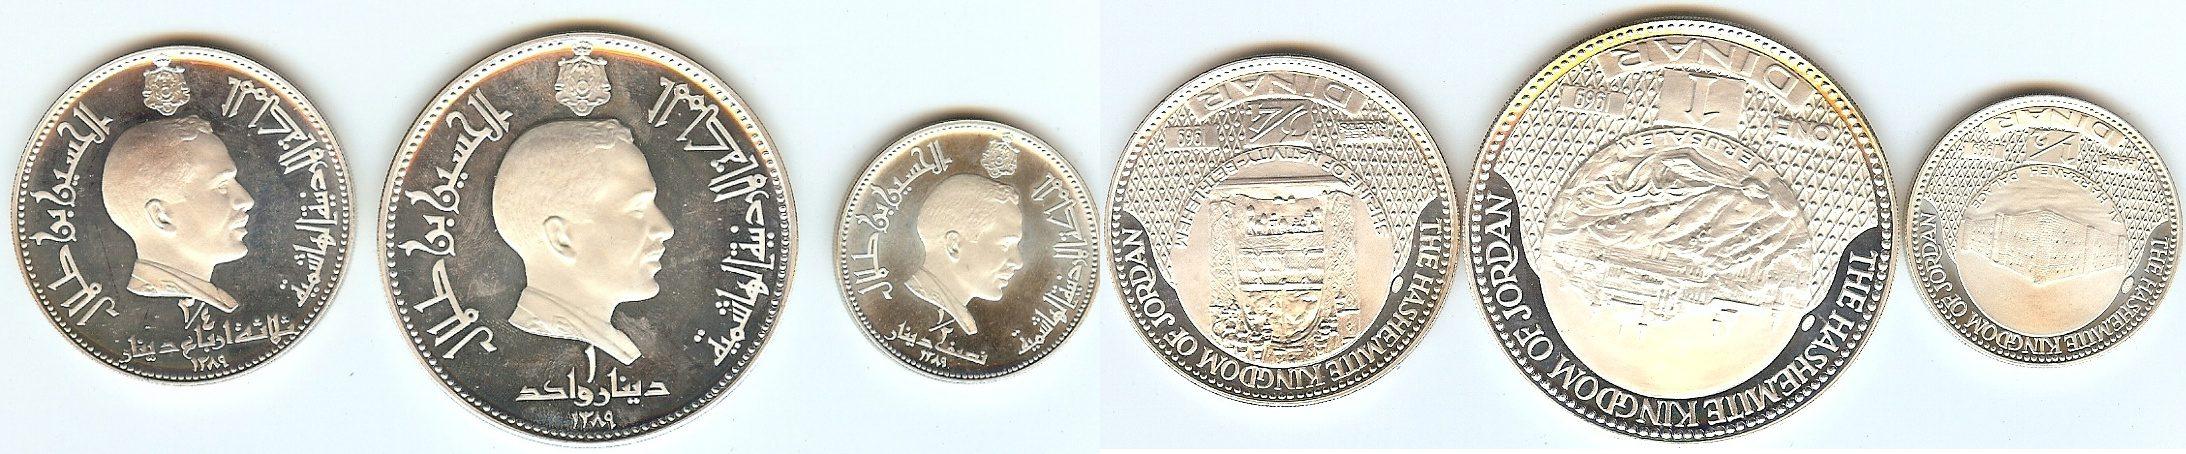 Proofset 3/4,1/2,1 Dinar 1969 Jordan PP